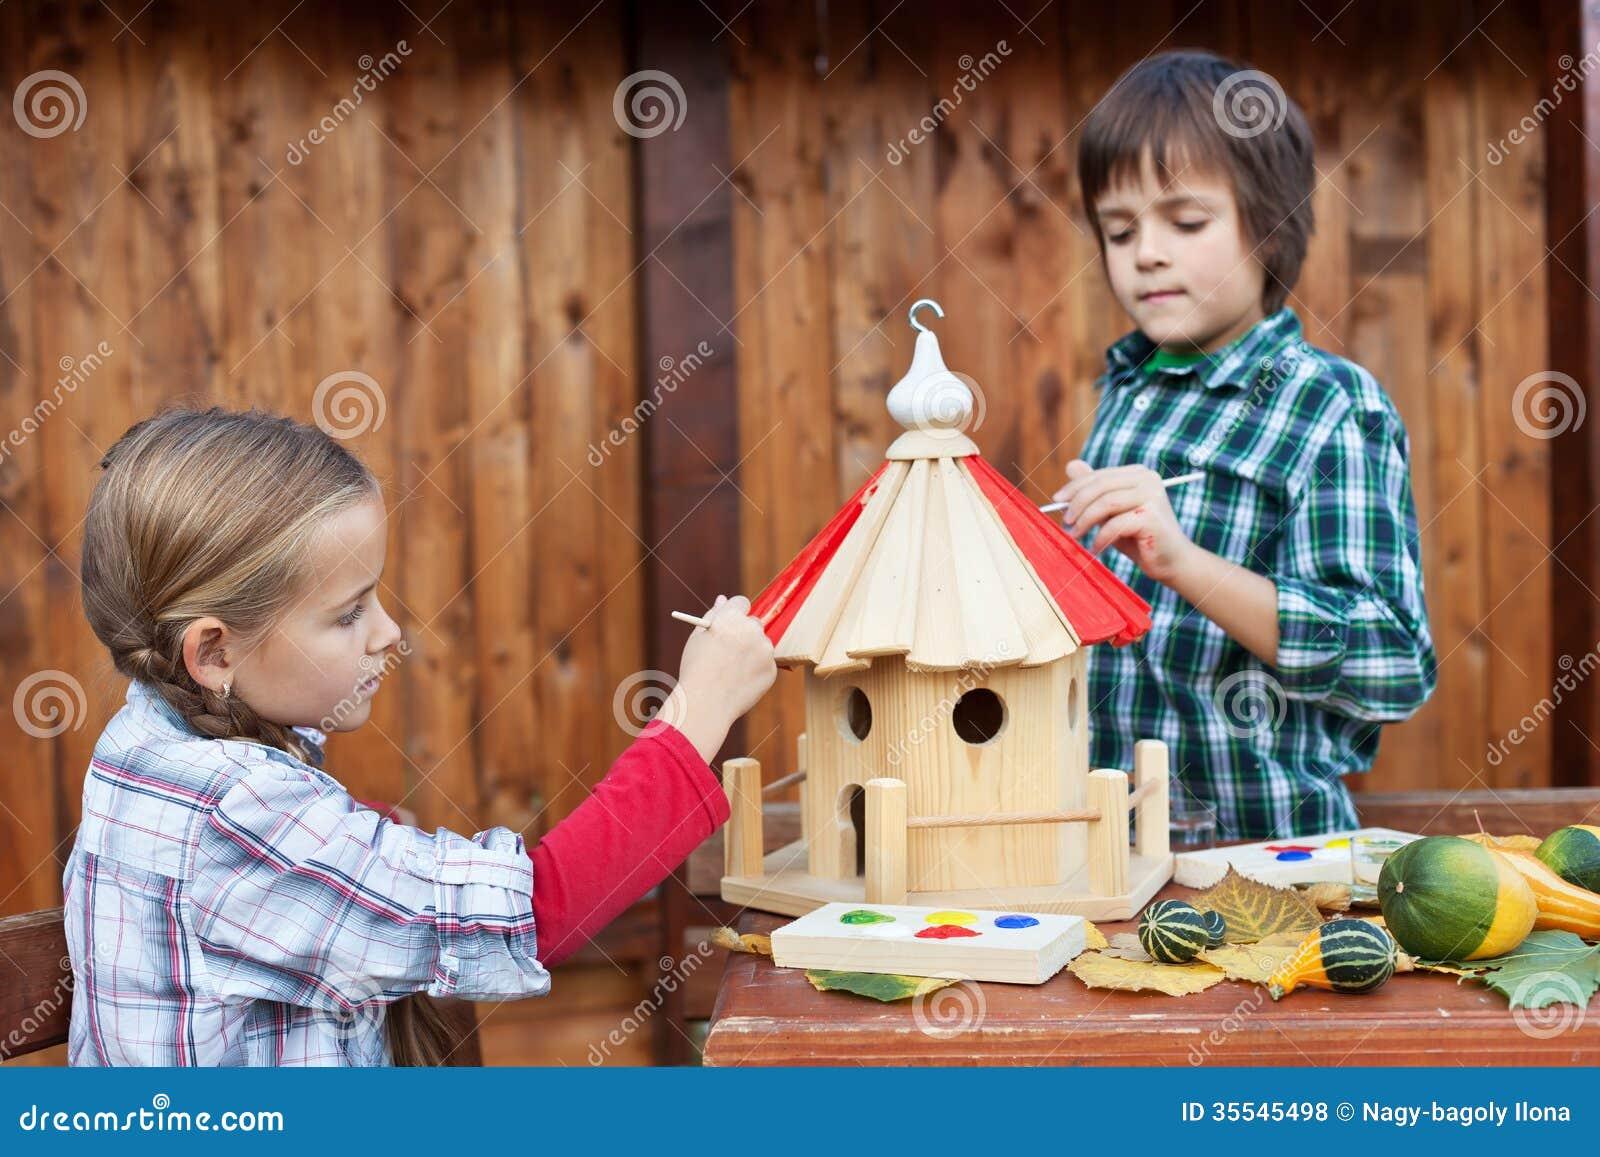 Die kinder die das vogelhaus für den winter malen interessieren